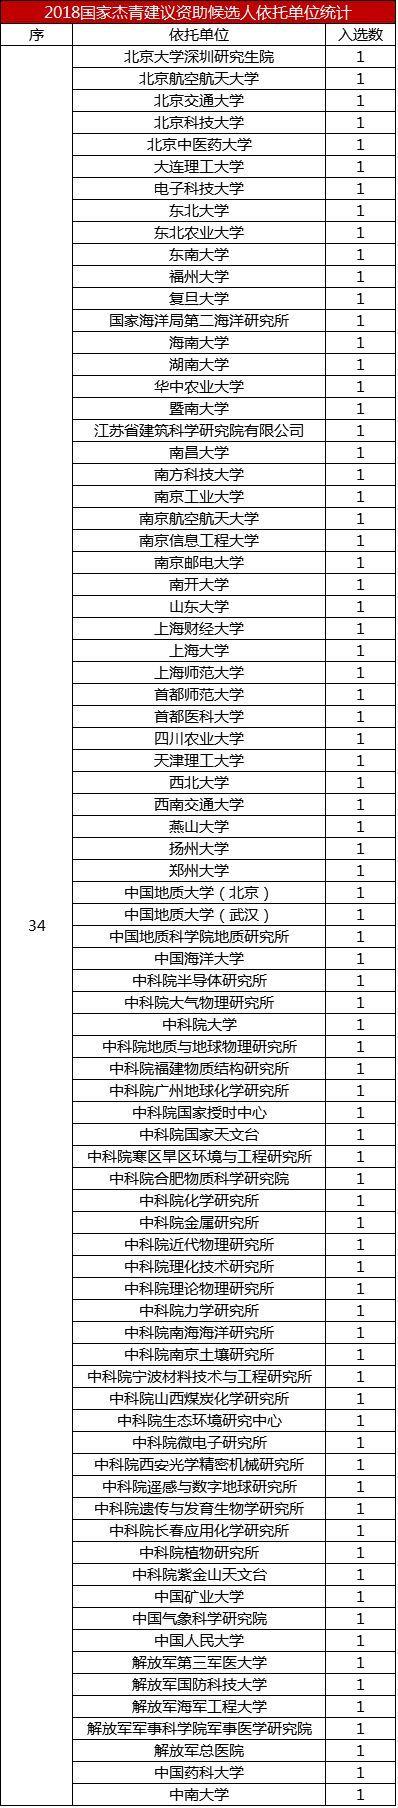 2018年国家人口排名_2018国家杰青入选人数排行,天医大4人,南开复旦国科大各1人